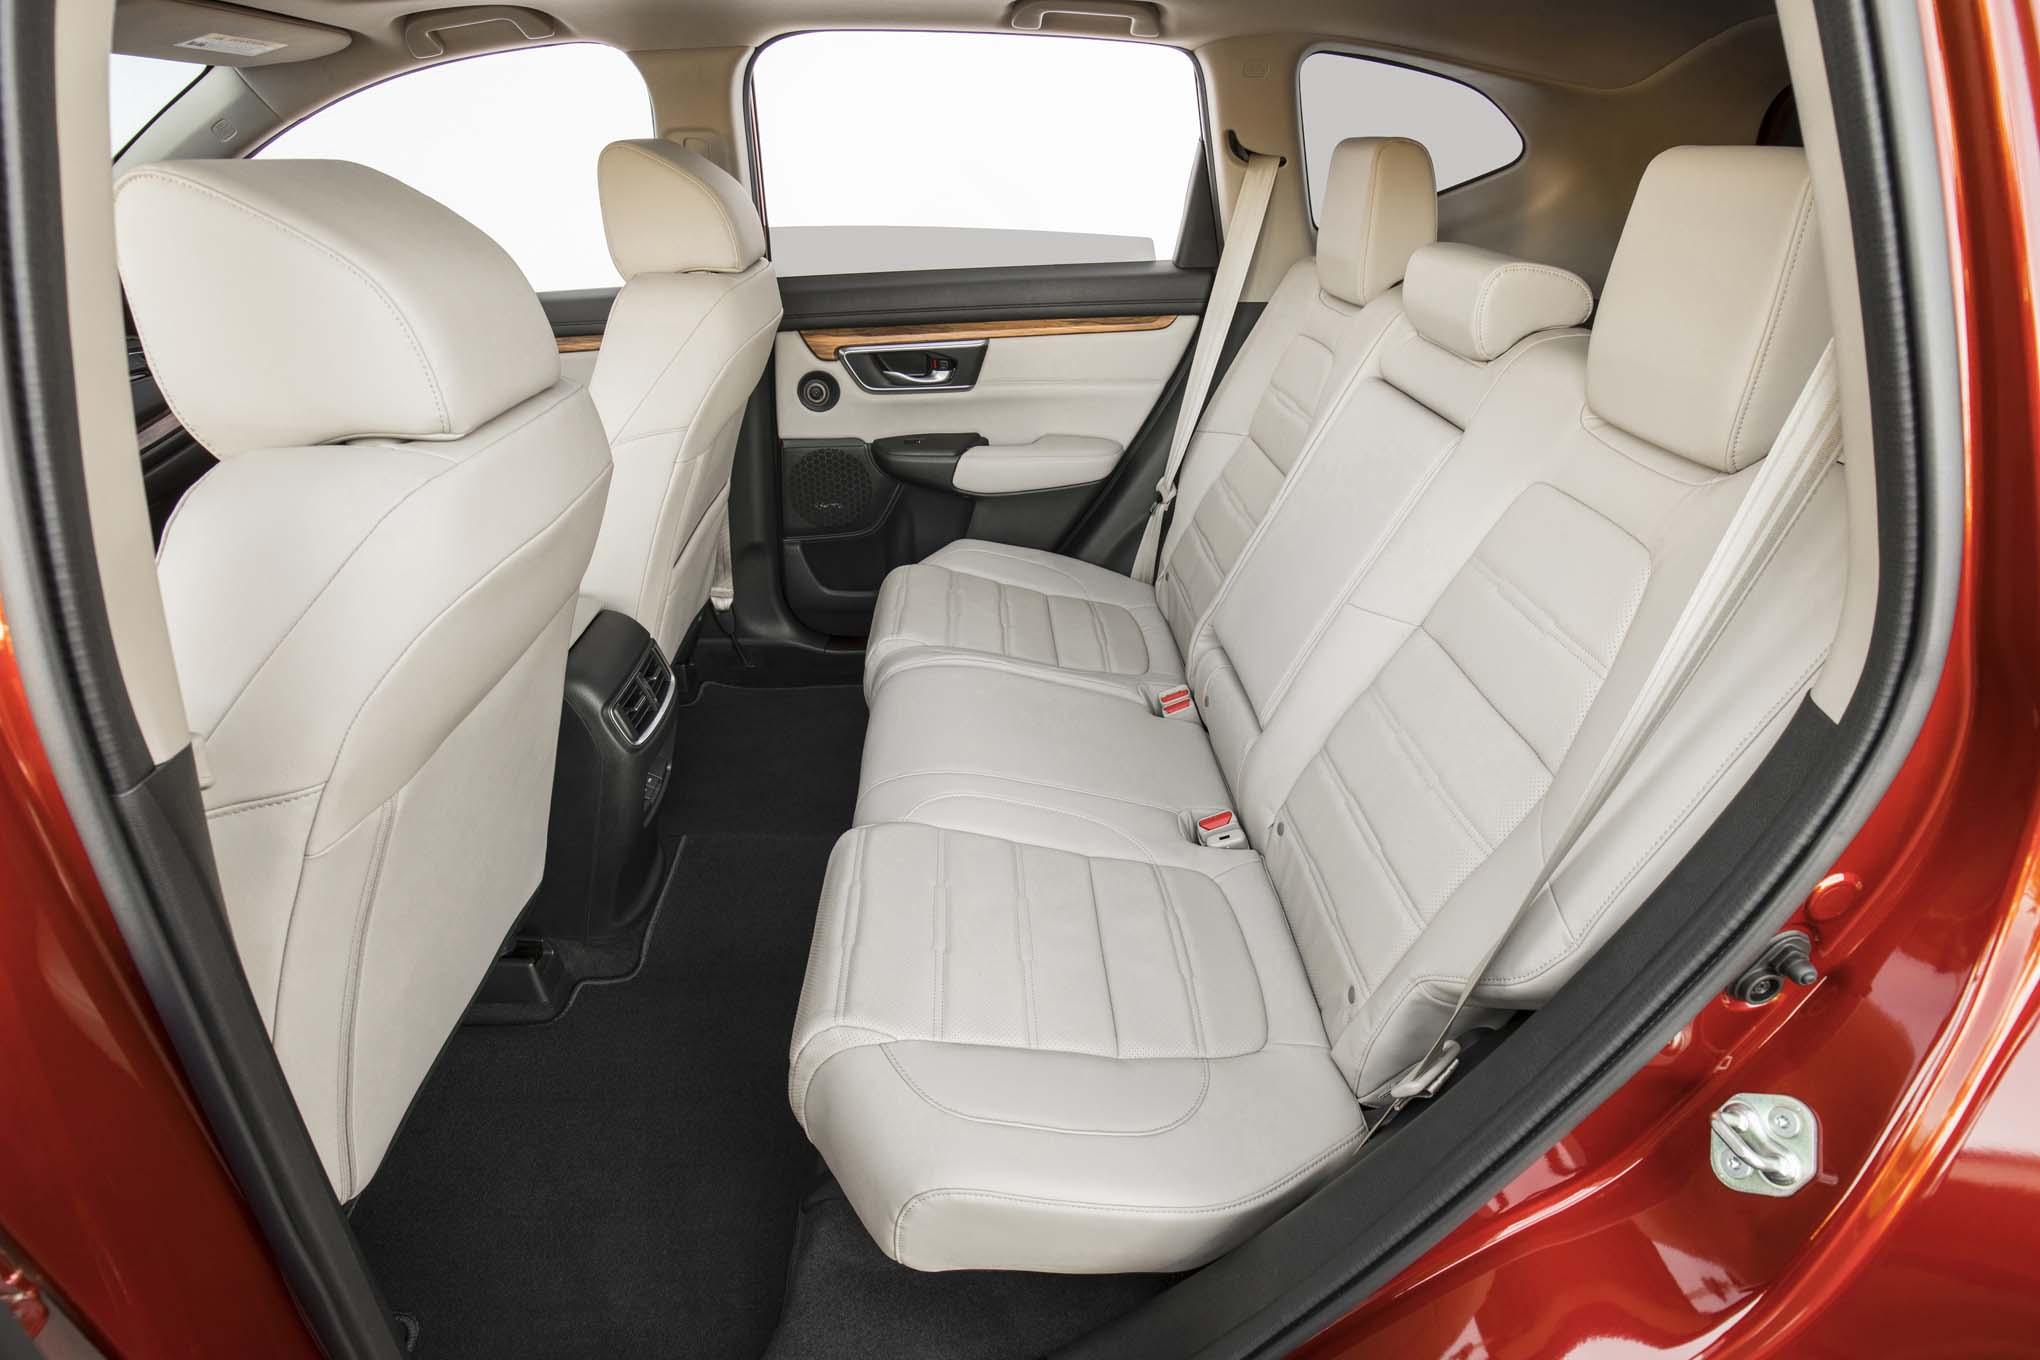 Acura Rdx Vs Honda Crv >> 2017 Honda CR-V Touring First Drive Review | Automobile Magazine